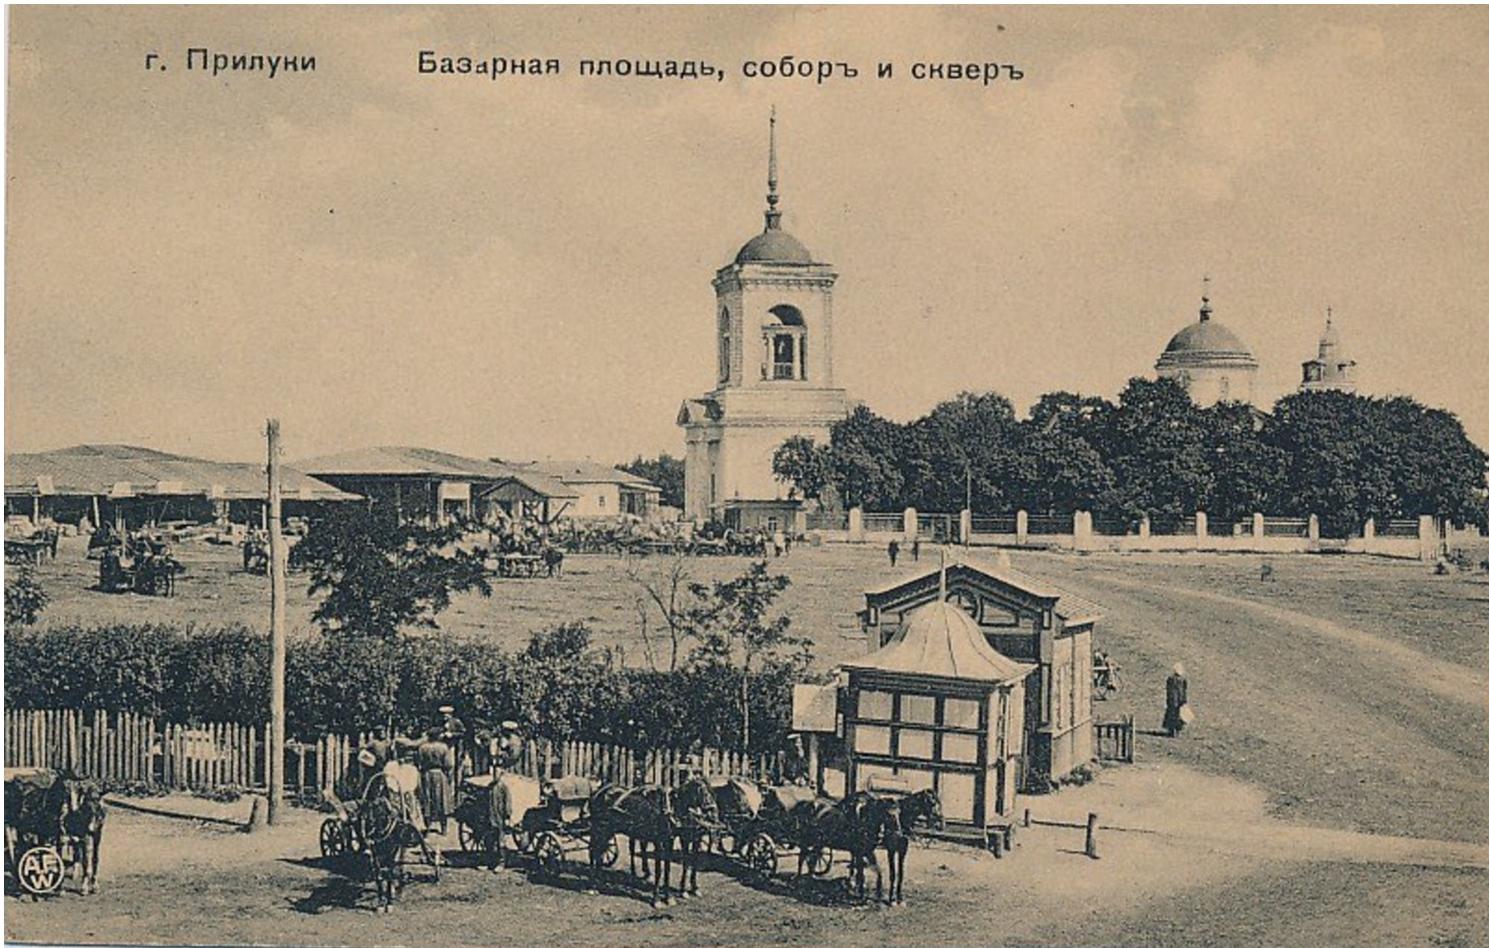 Базарная площадь, собор и сквер